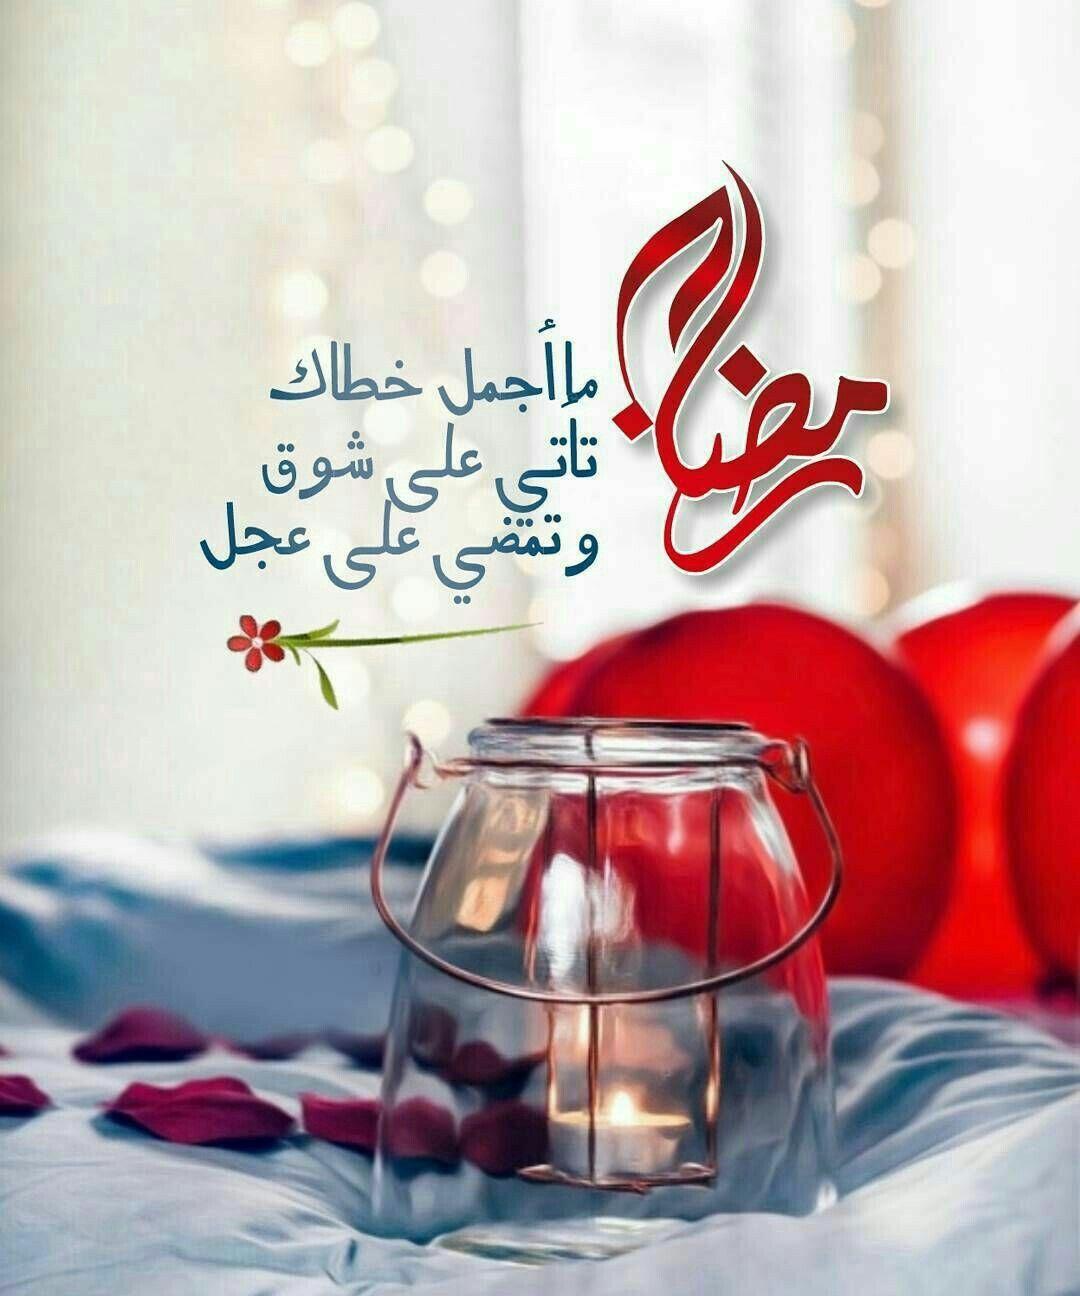 Pin By Hala On رمضان كريم Ramadan Kareem Ramadan Quotes Ramadan Mubarak Wallpapers Ramadan Greetings